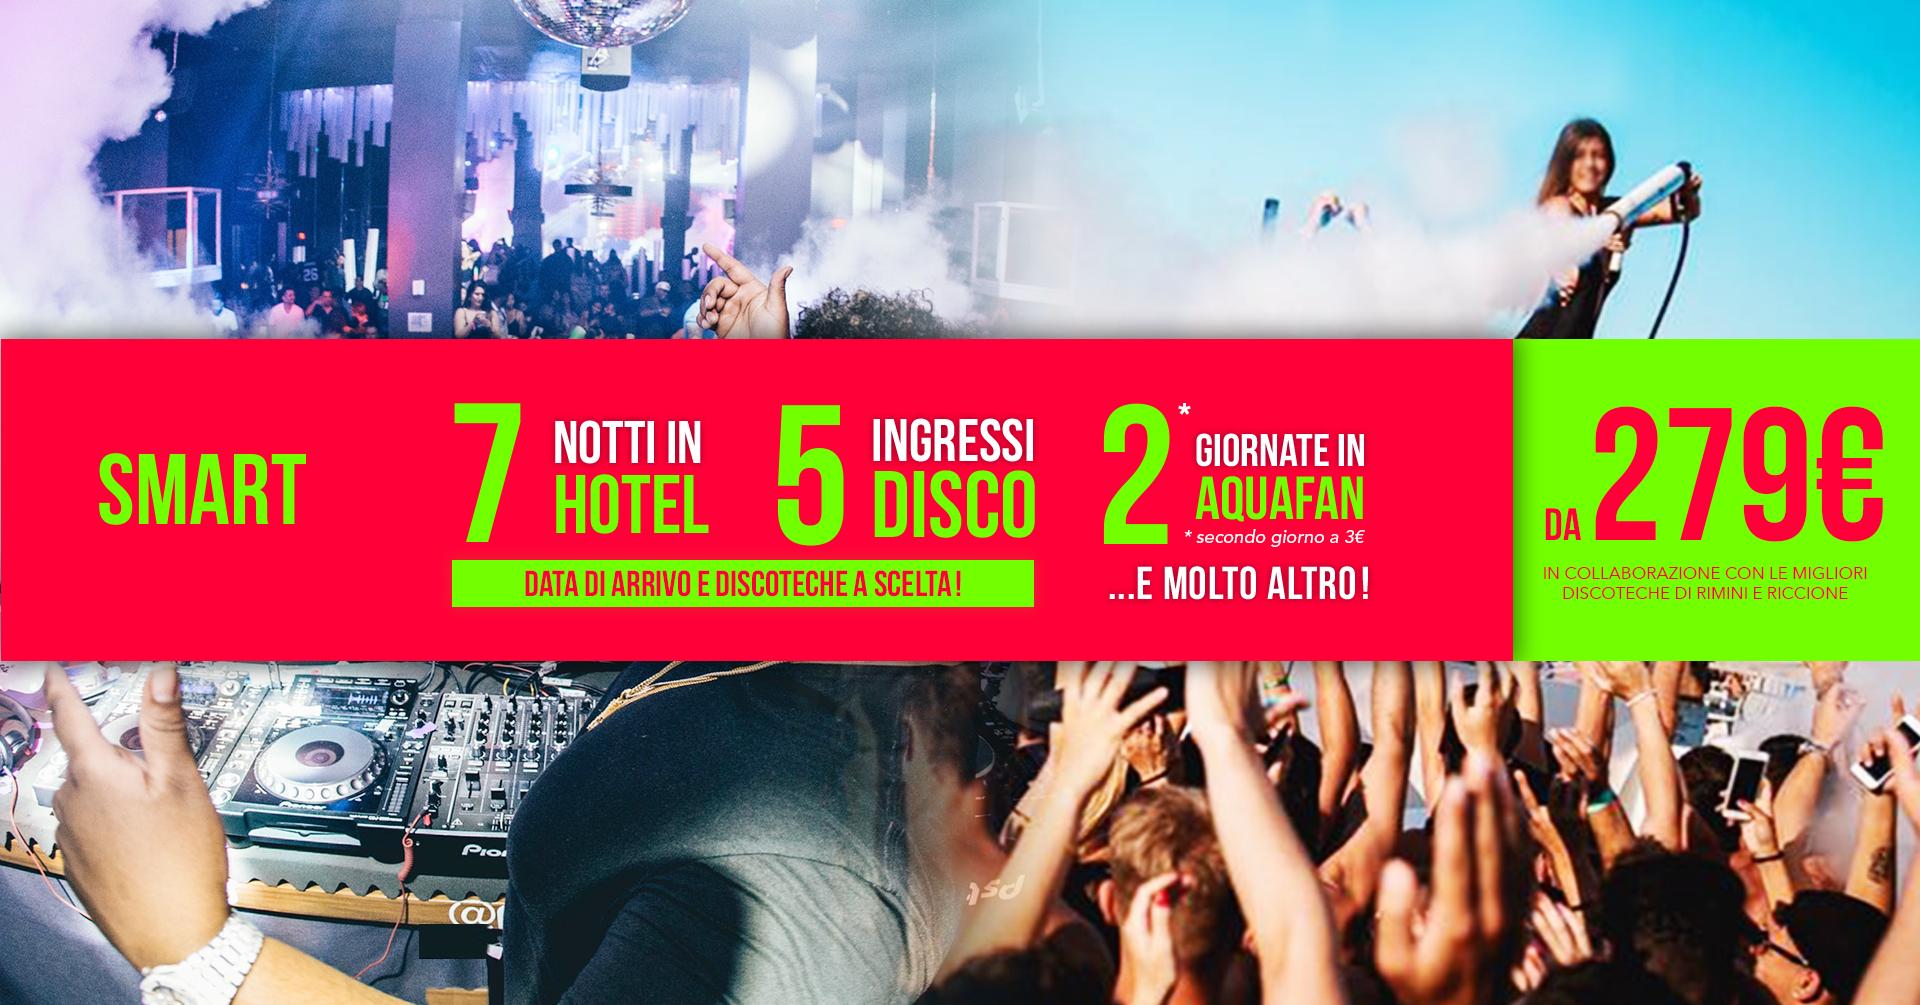 Pacchetto settimanale riccione hotel + discoteche smart